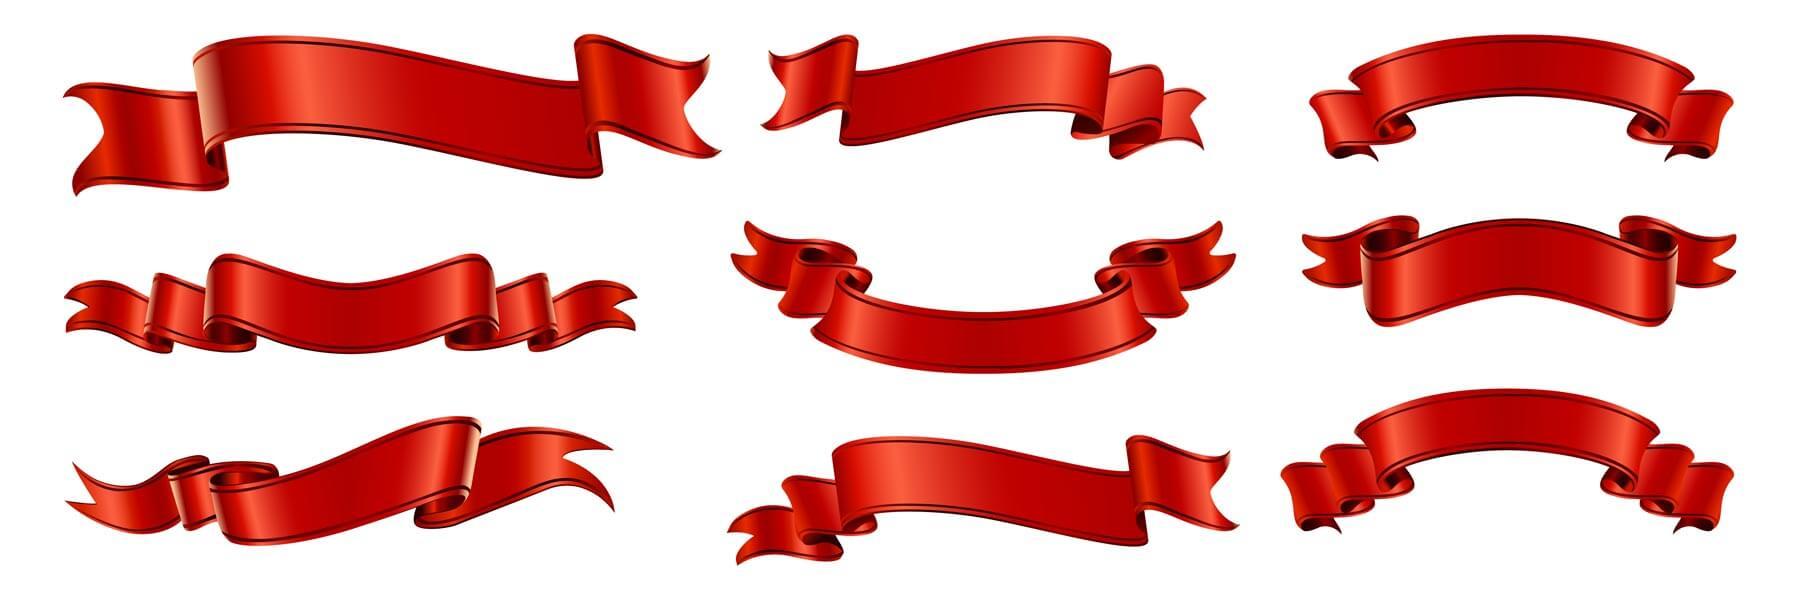 وکتور مجموعه روبان های قرمز عنوان